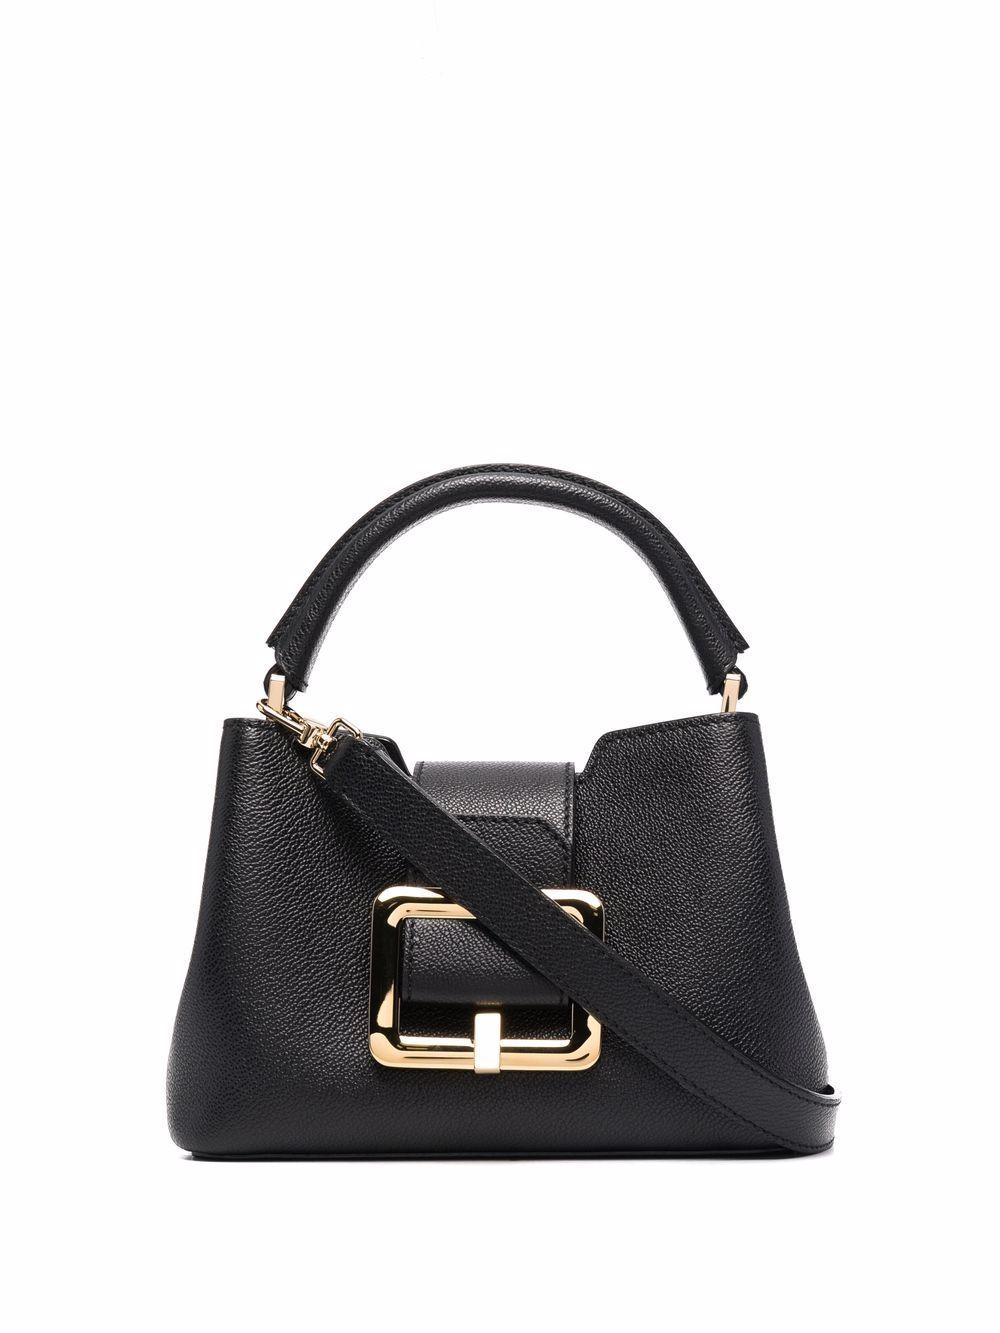 Bally Jorah Handtasche - BLACK